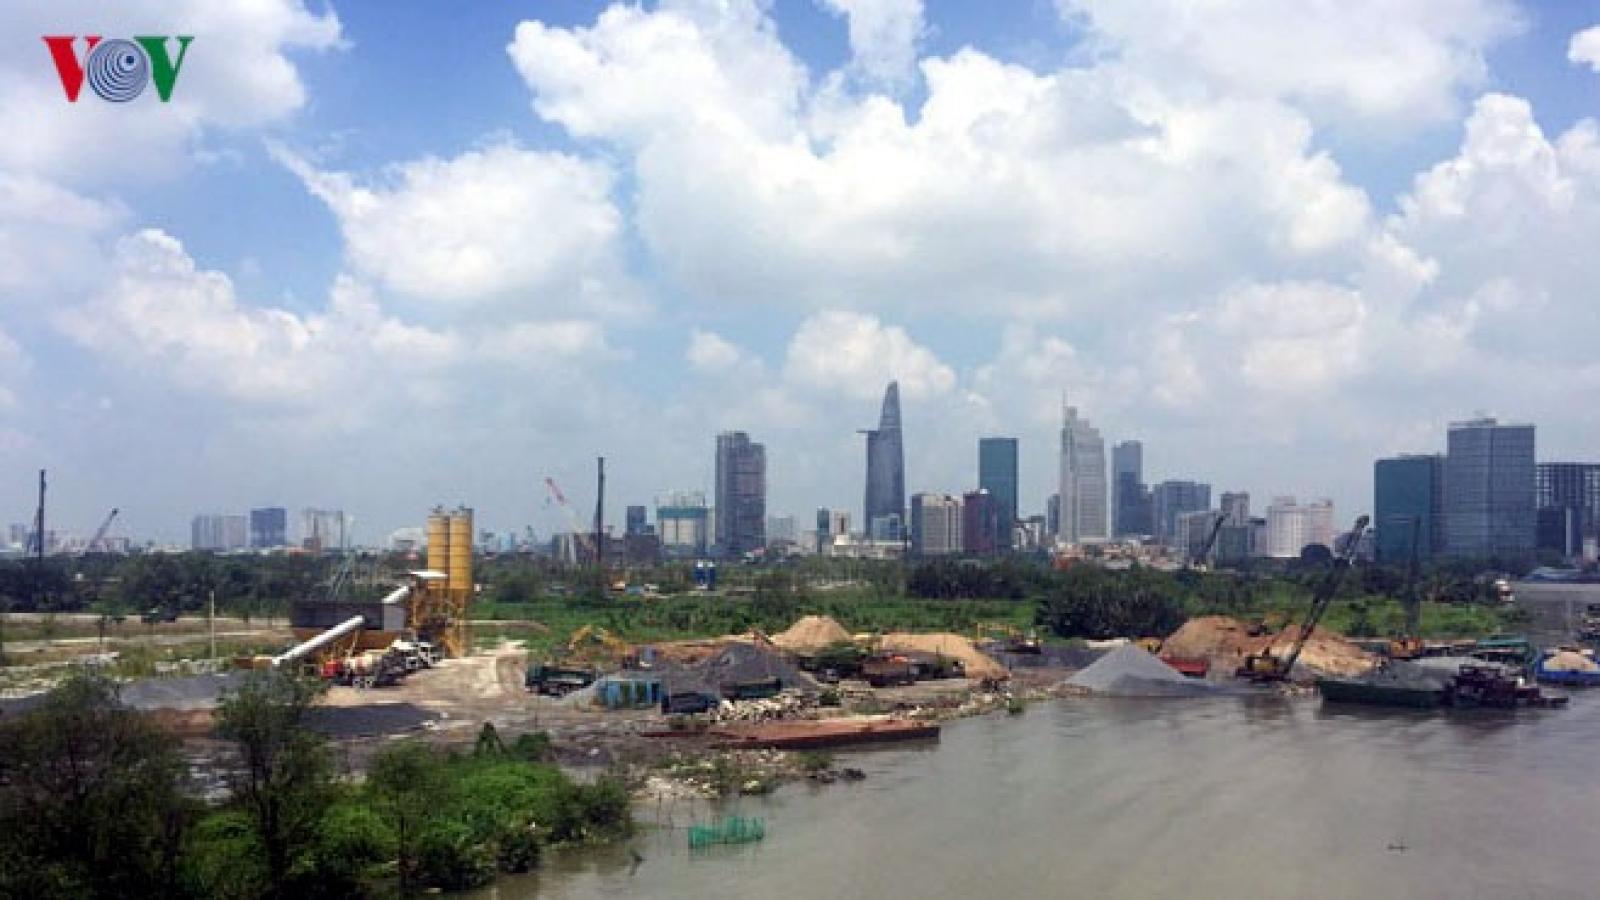 Đề xuất nhà đầu tư xây nhà cao tầng, chung cư phải đóng phí chống ngập